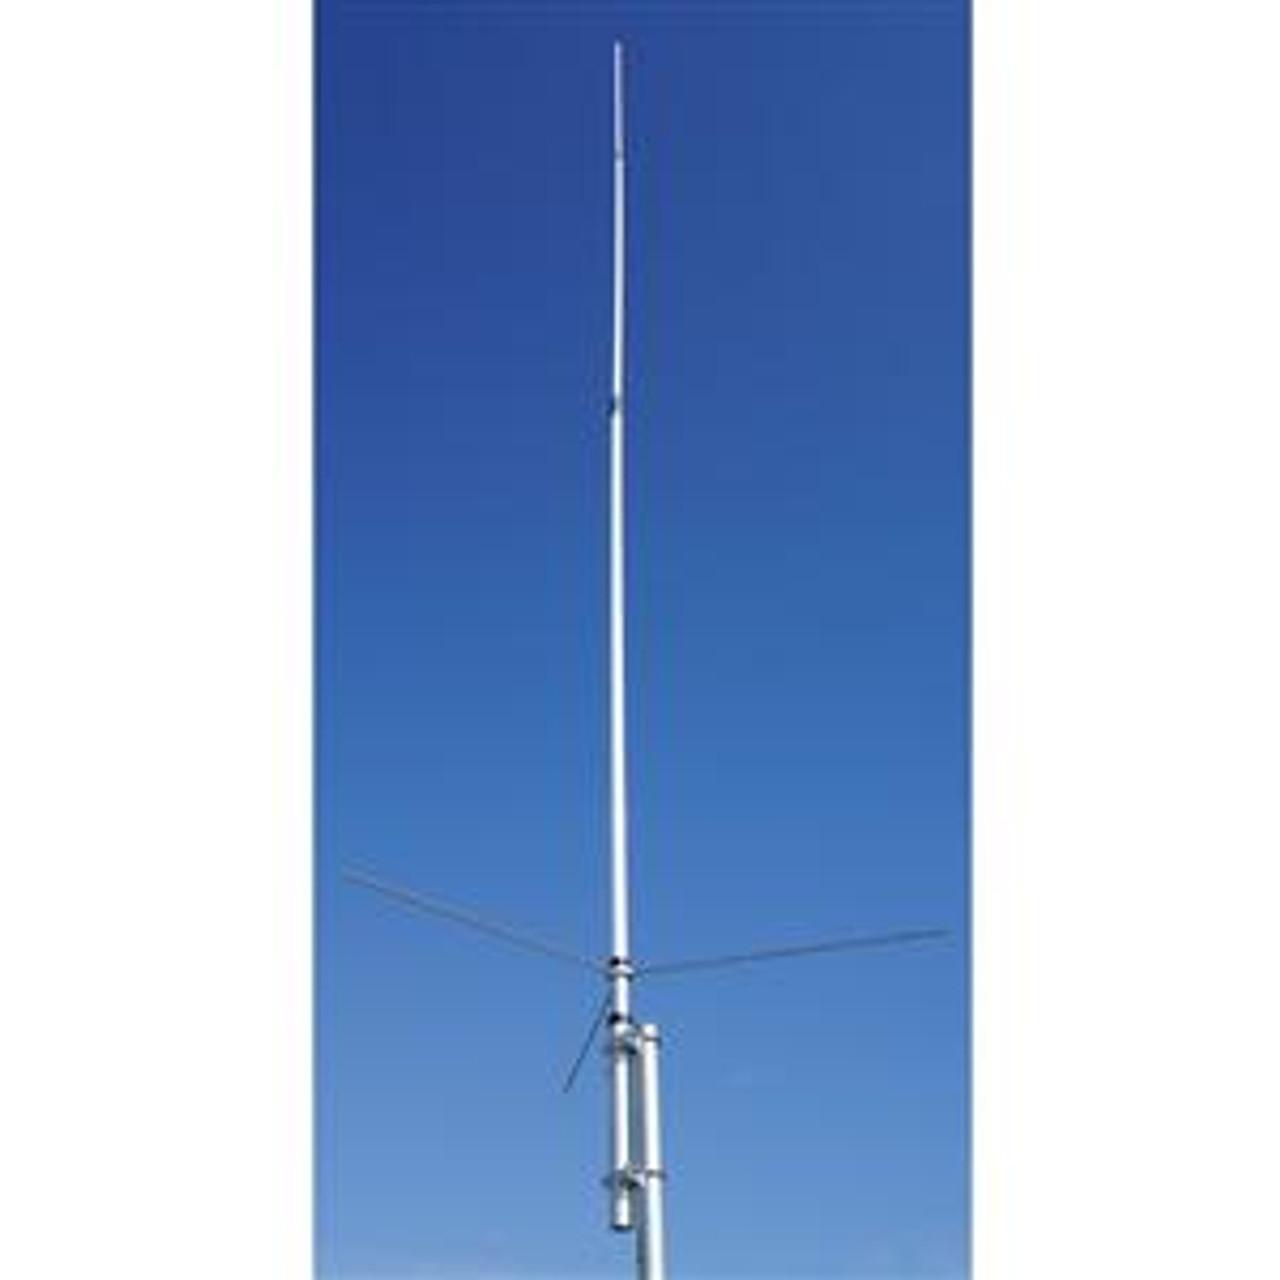 Workman UVS300 Dual Band VHF/UHF Base Antenna